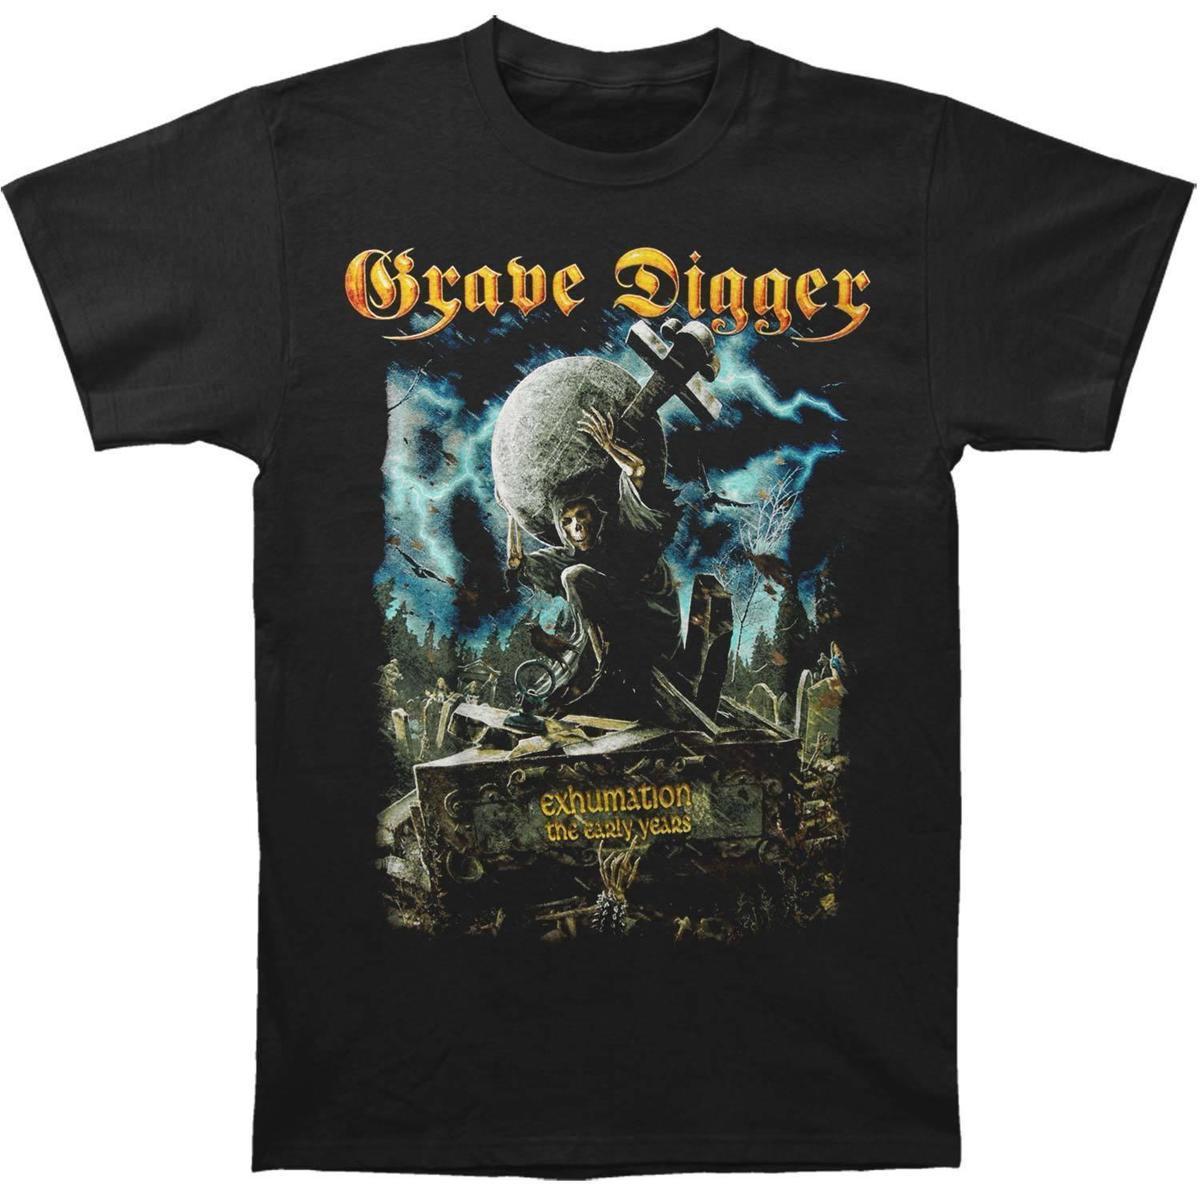 Acheter Grave Digger T Shirt Exhumation Pour Homme Noir T Shirt Confortable  Décontracté T Shirt À Manches Courtes Décontracté Imprimé 100% Coton  Nouveau De ... a4738de9967